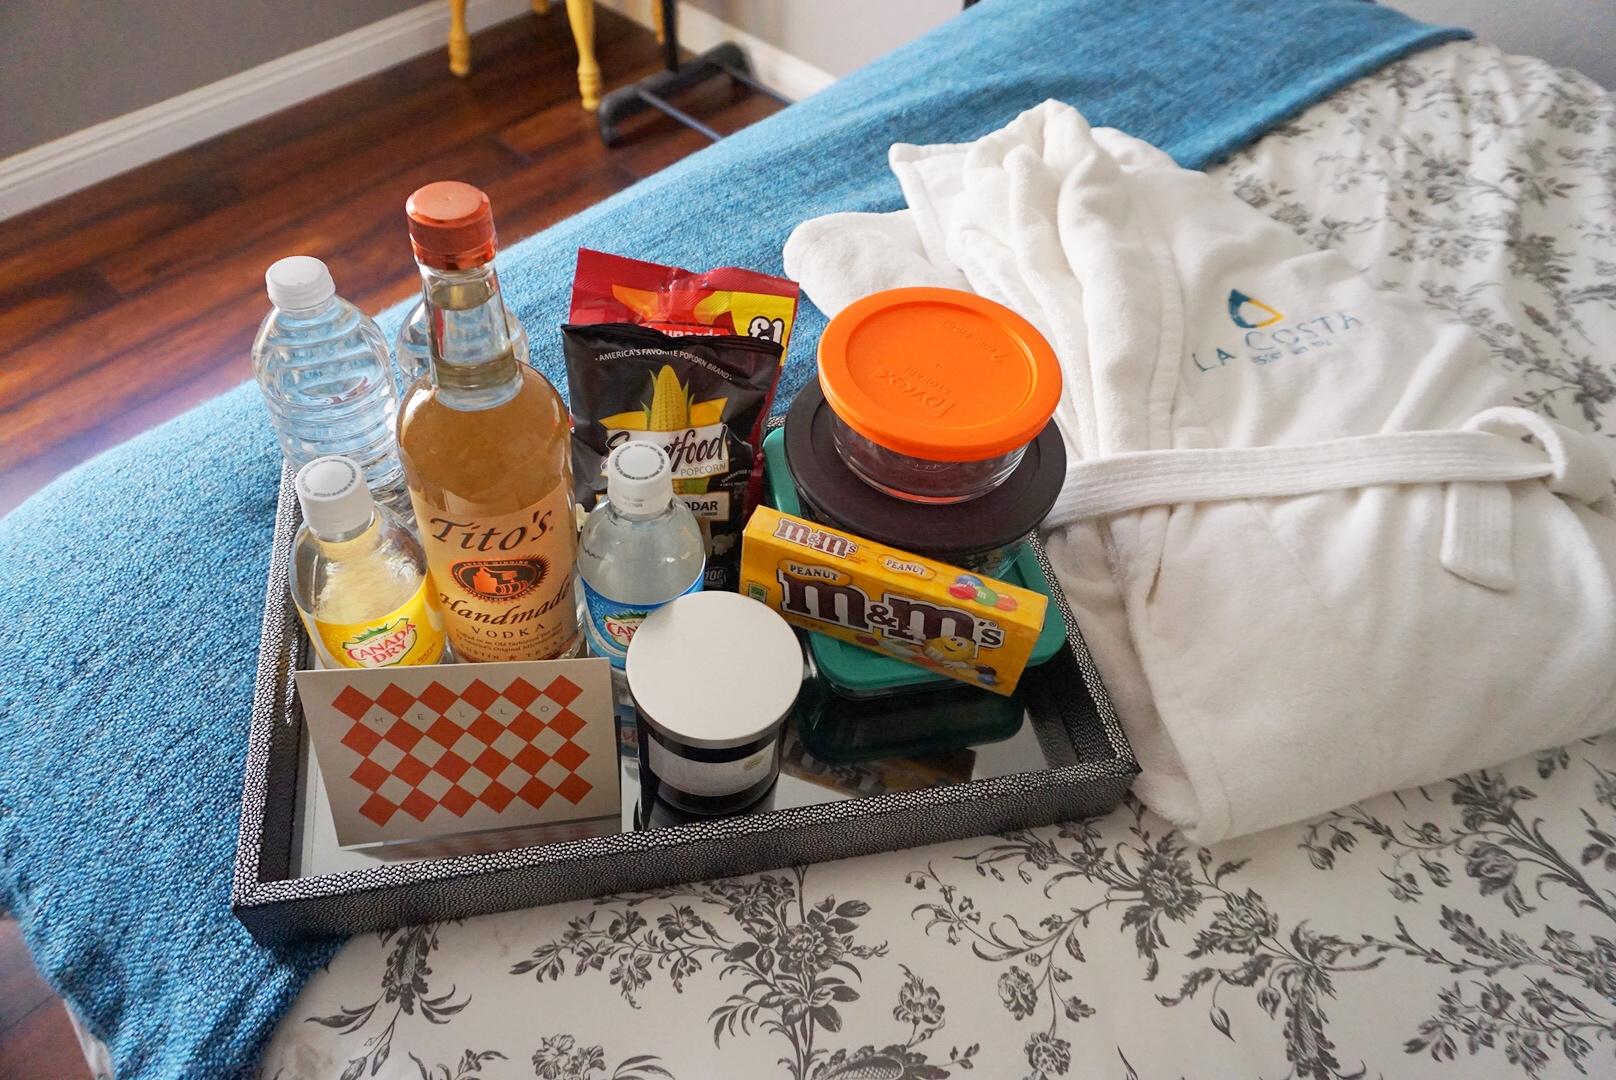 robe and tray.jpeg